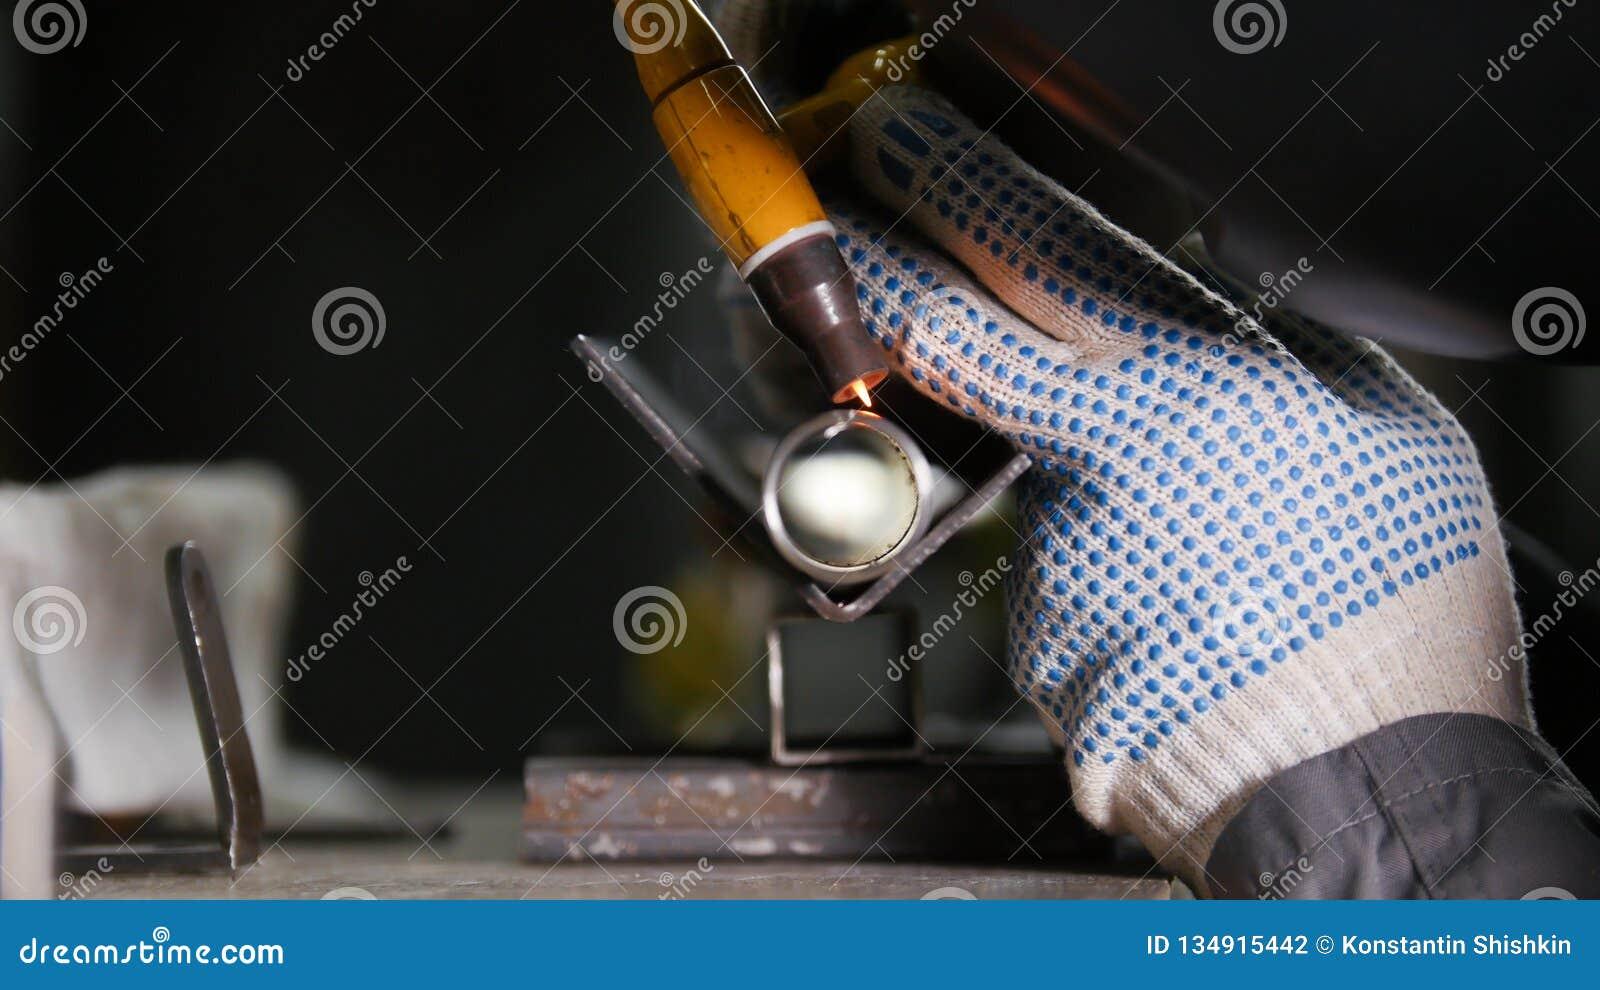 промышленное изготавливание Деталь трубки утюга Процесс заварки неукоснительная работа